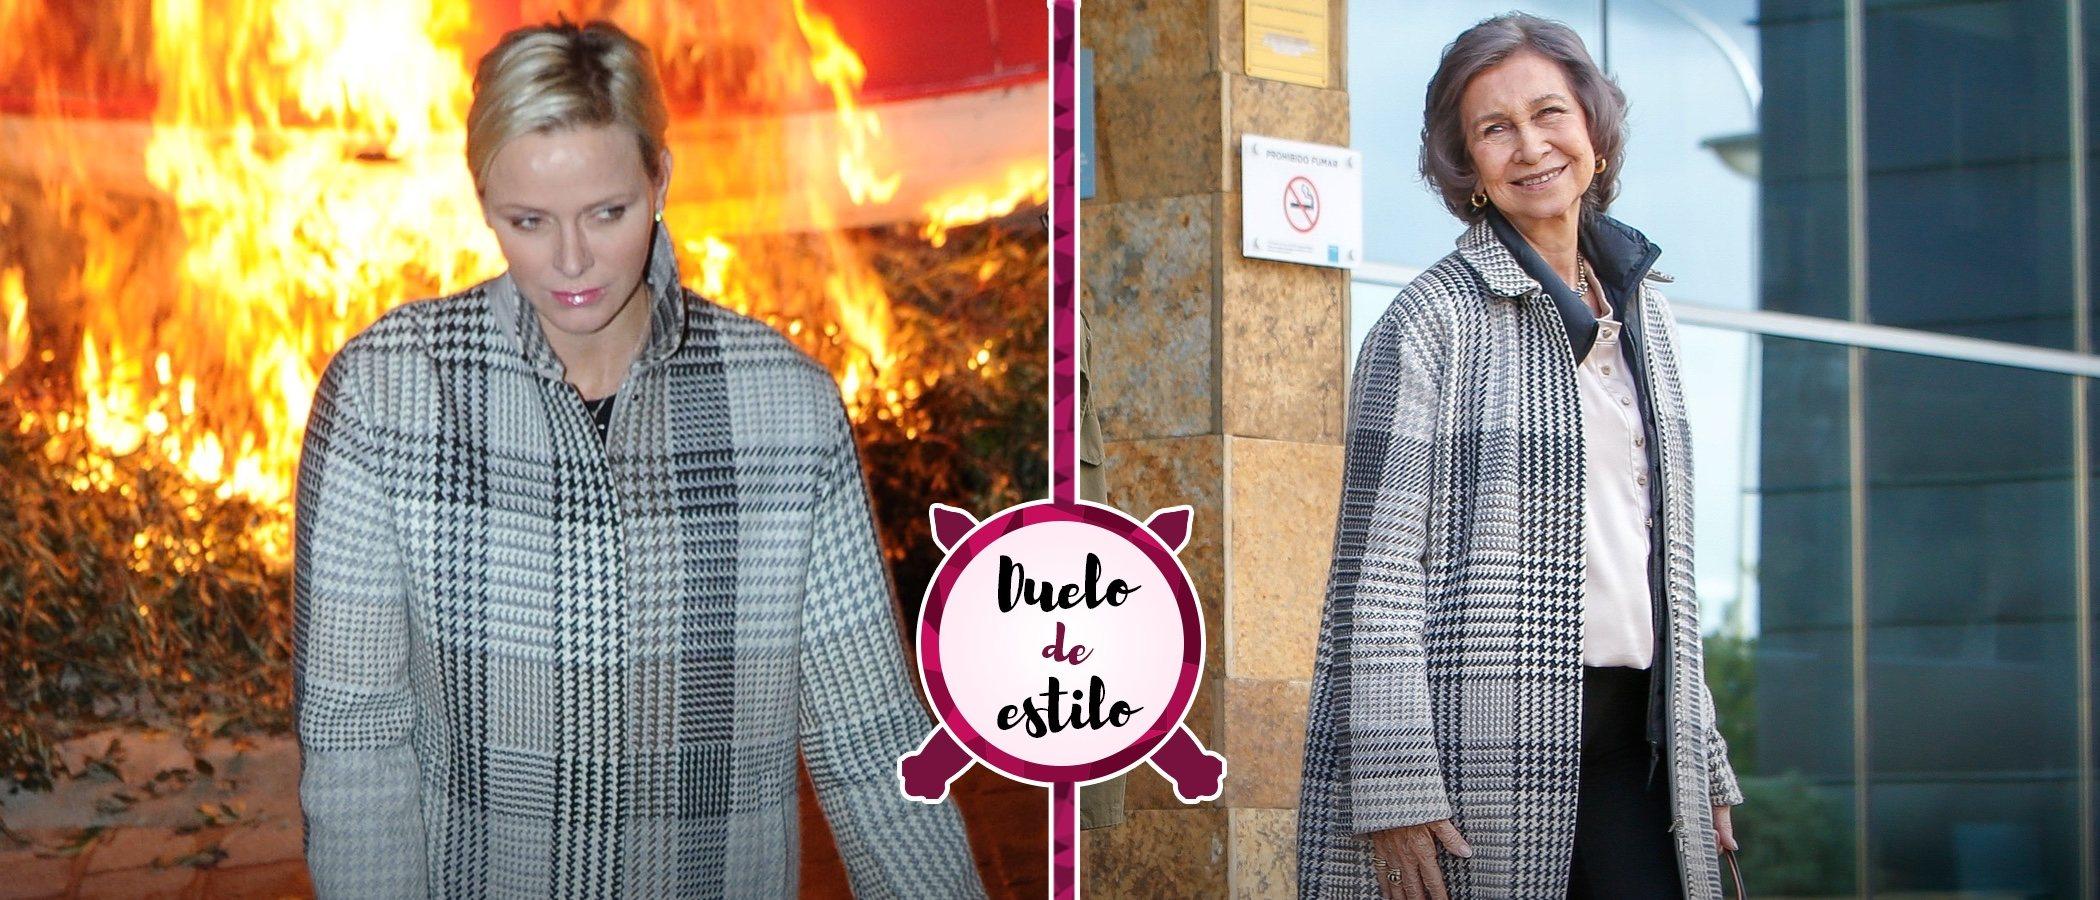 Charlene de Mónaco y la Reina Sofía apuestan por el mismo abrigo de cuadros, ¿quién lo lleva mejor?